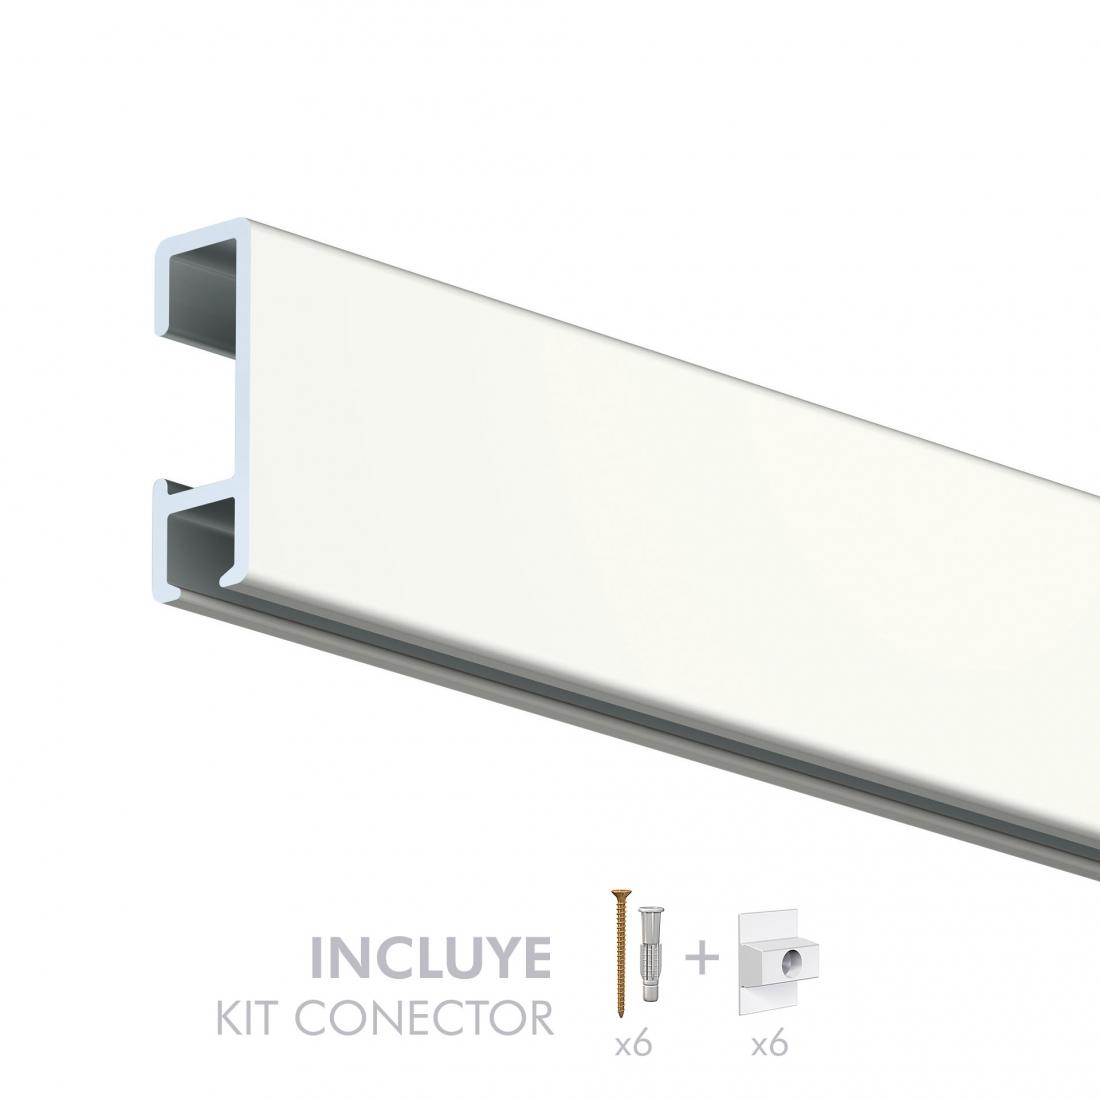 tira de perfil, riel y guia para colgar cuadros de pared 20 Kg, artiteq, de color blanco